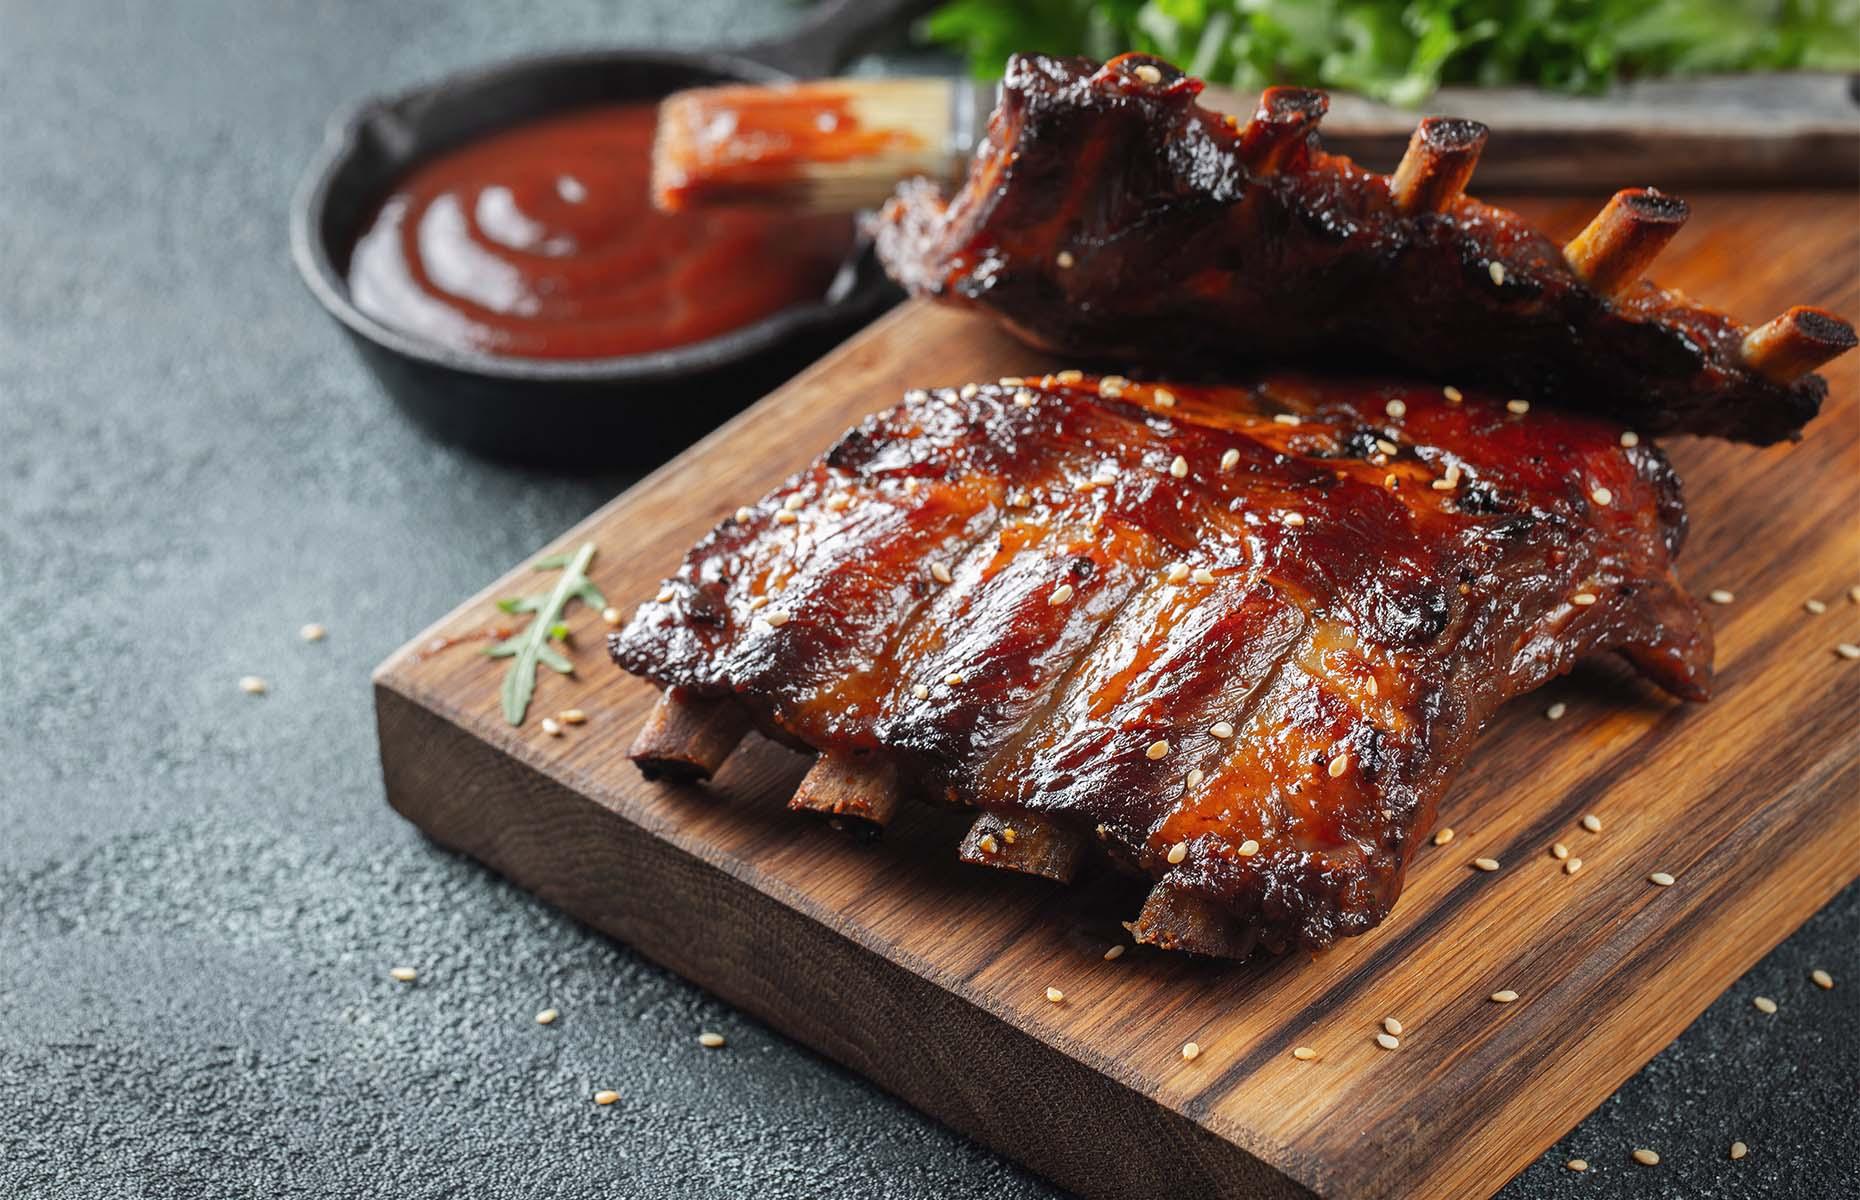 Barbecue ribs (Image: VasiliyBudarin/Shutterstock)